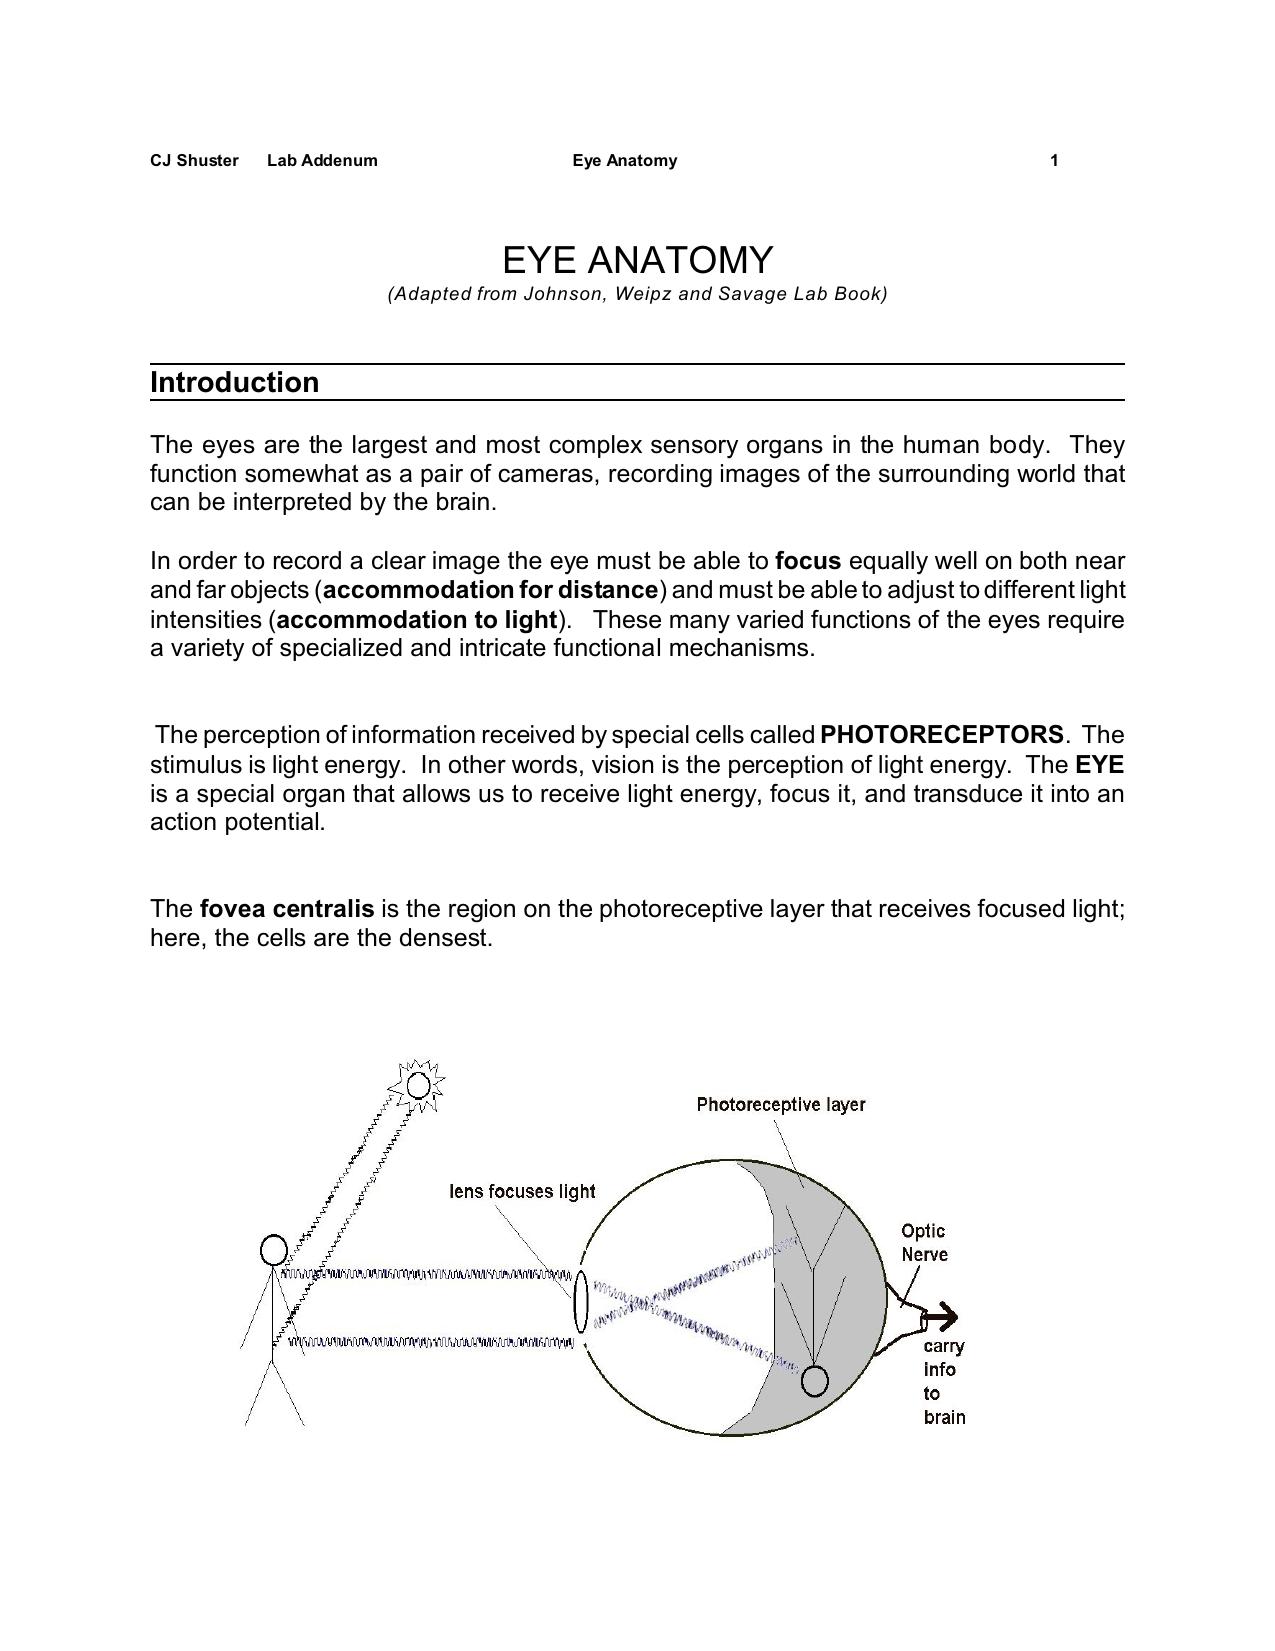 eye anatomy - Madison Area Technical College